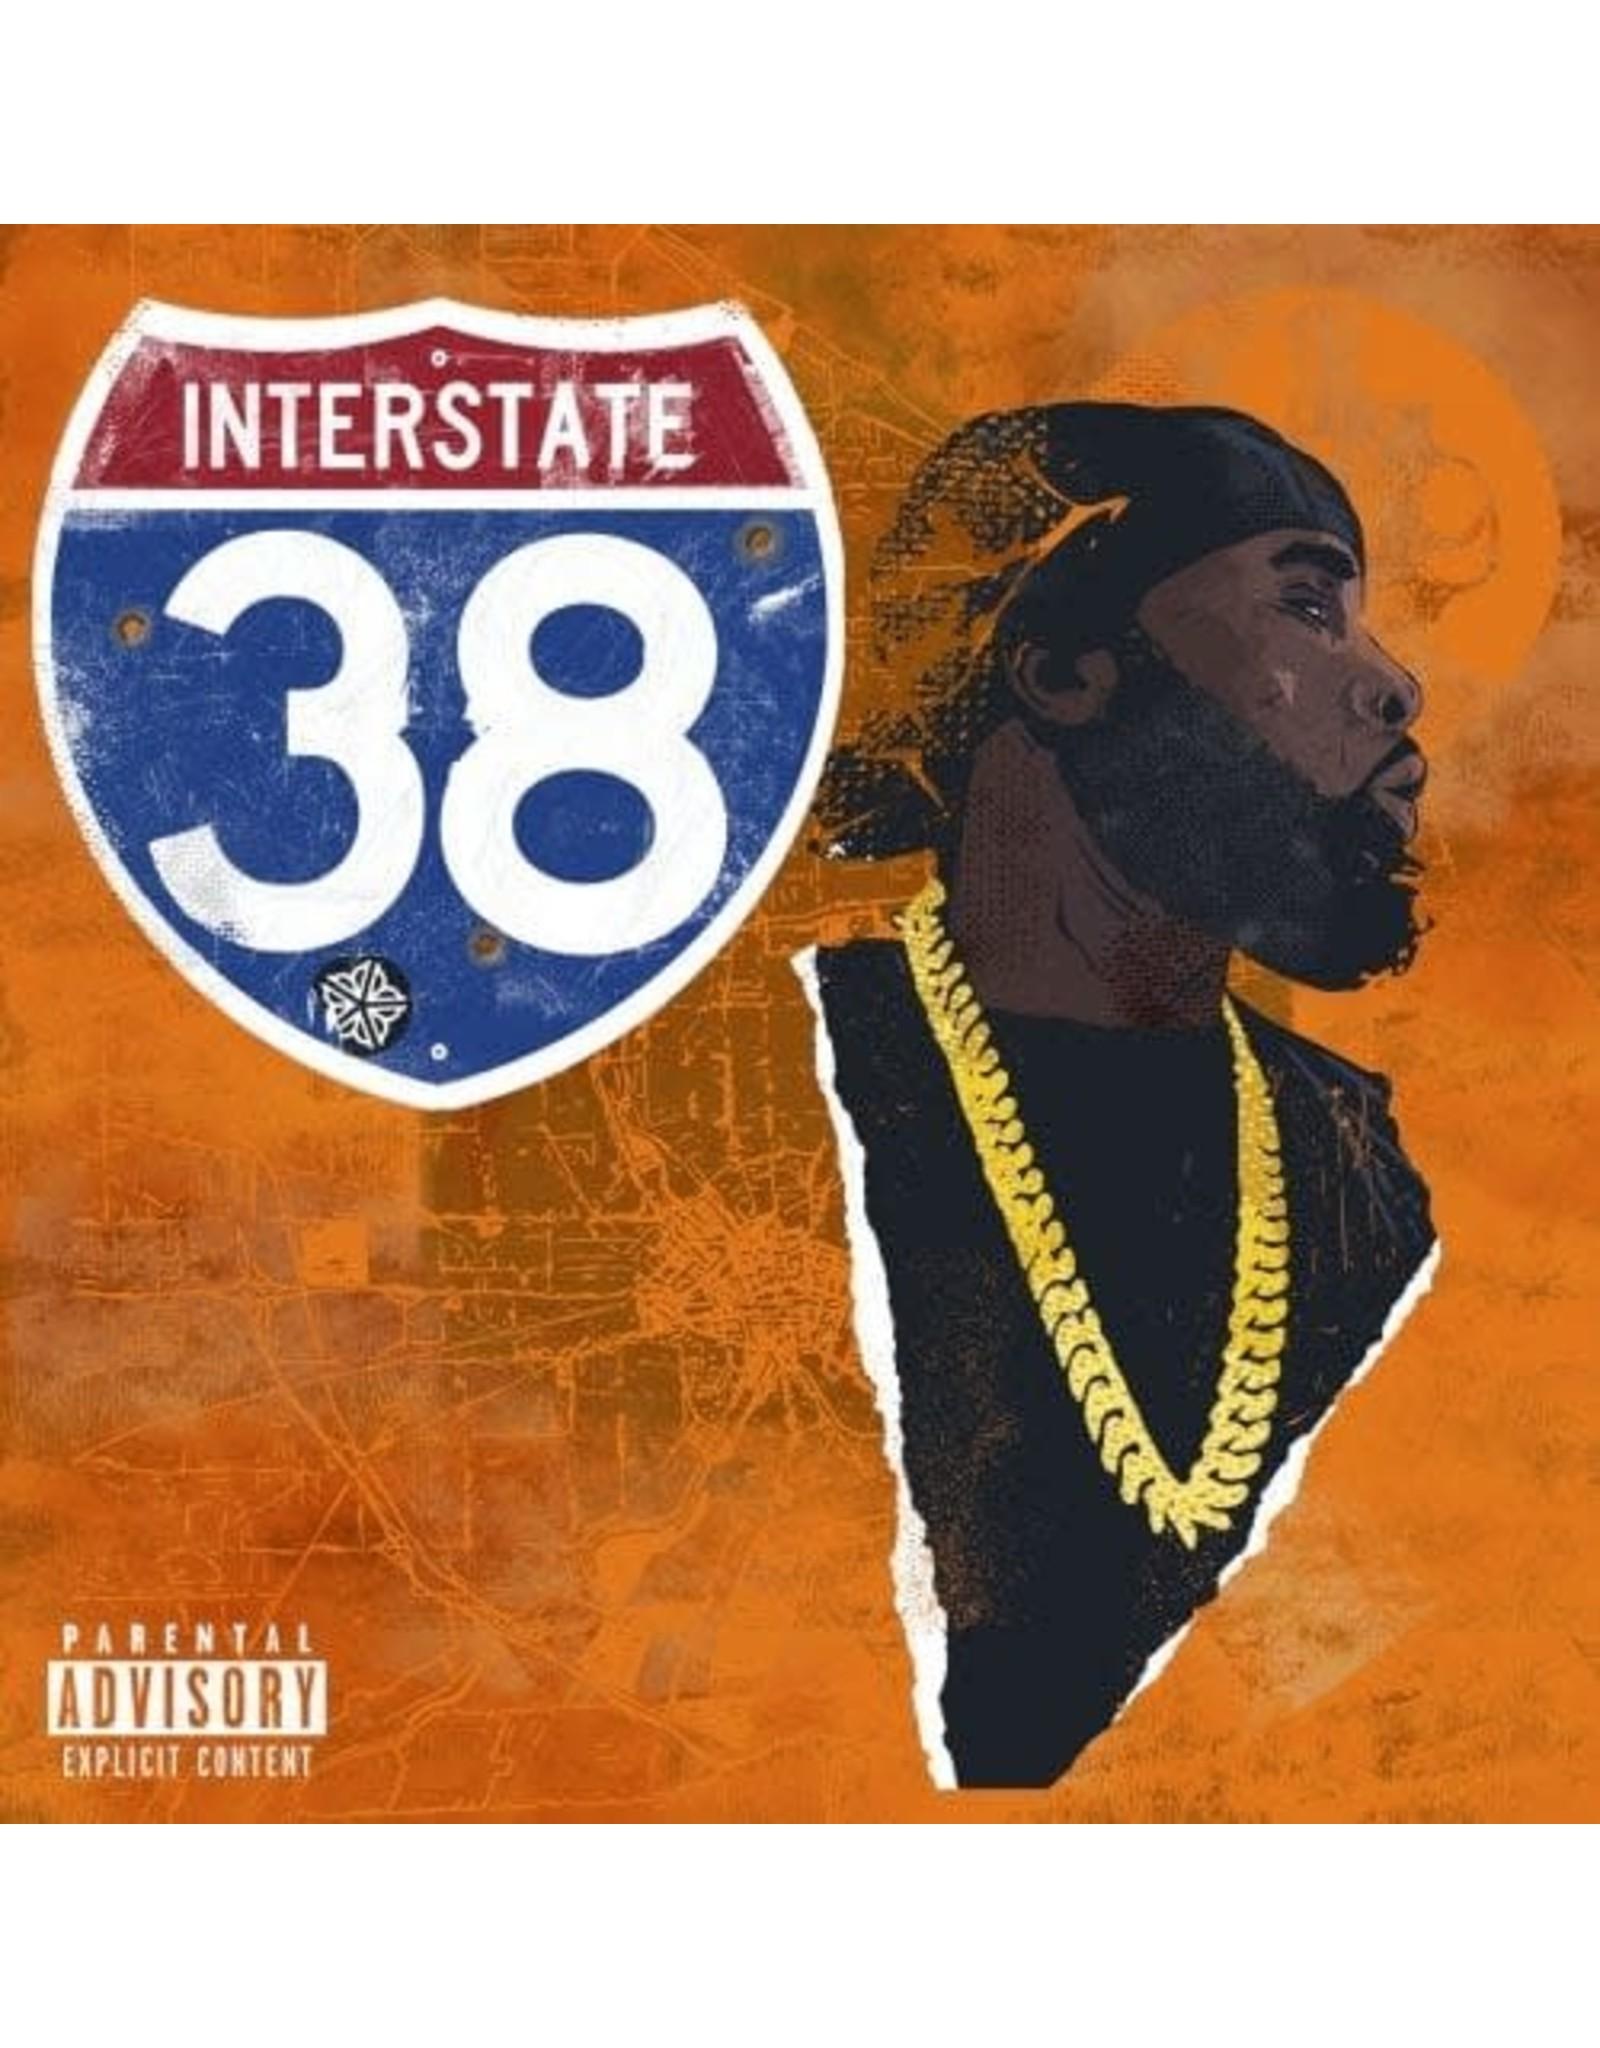 38 Spesh - Interstate 38 LP